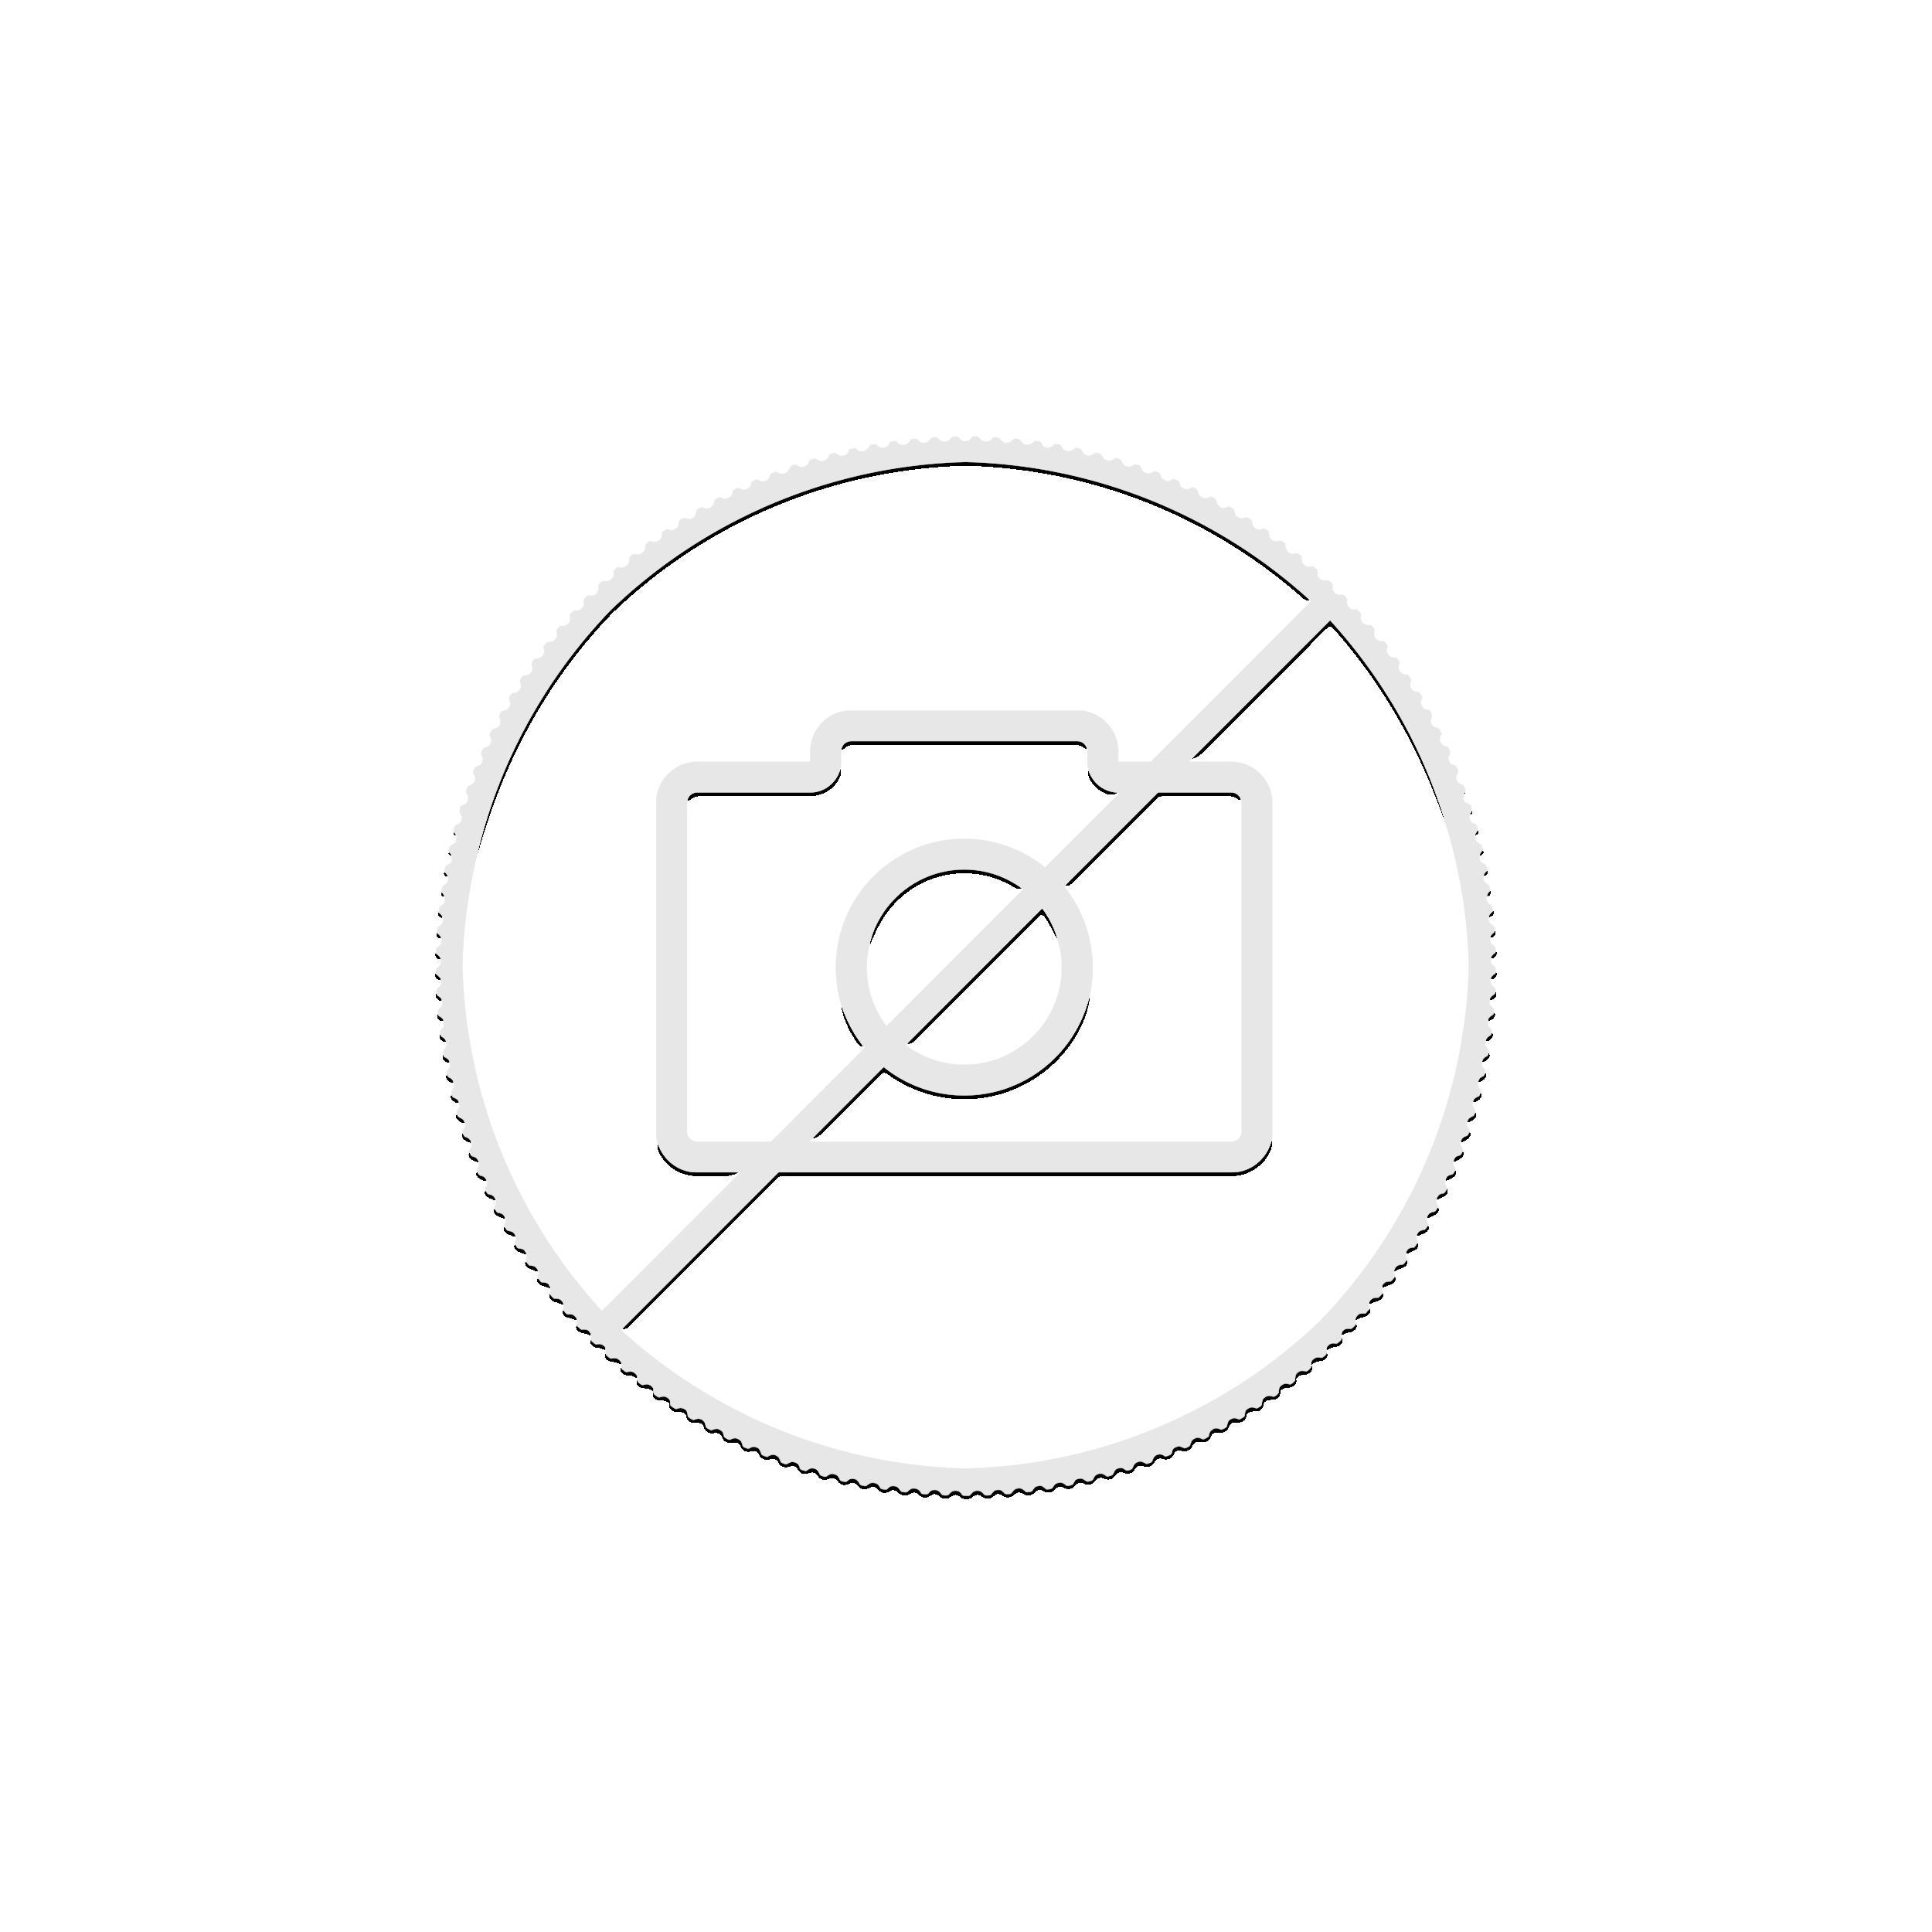 1 kilo Lunar silver coin 2012 full color